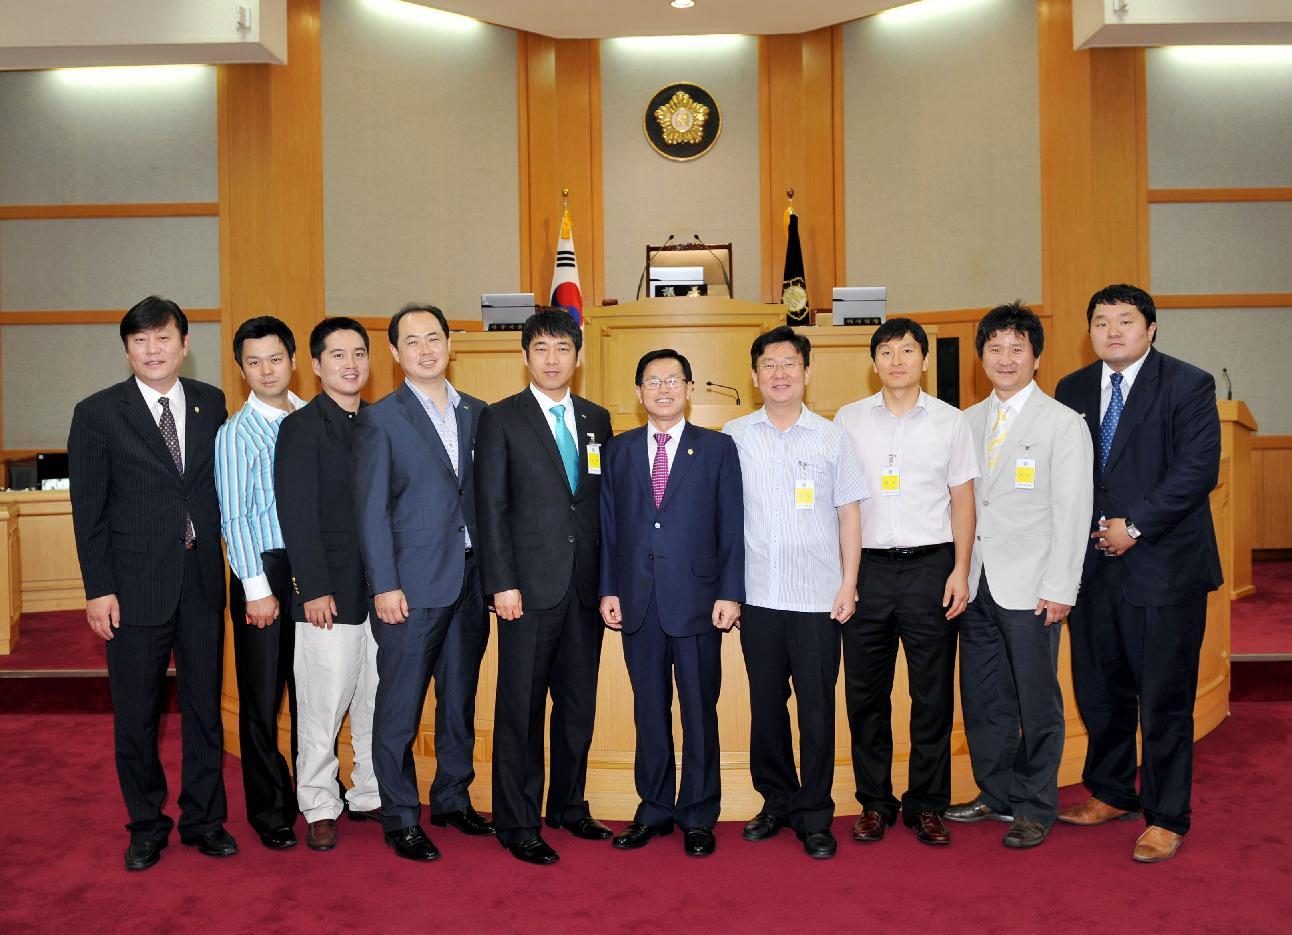 2011-07-05-제142회 제1차 정례회 제1차 본회의8aa.JPG